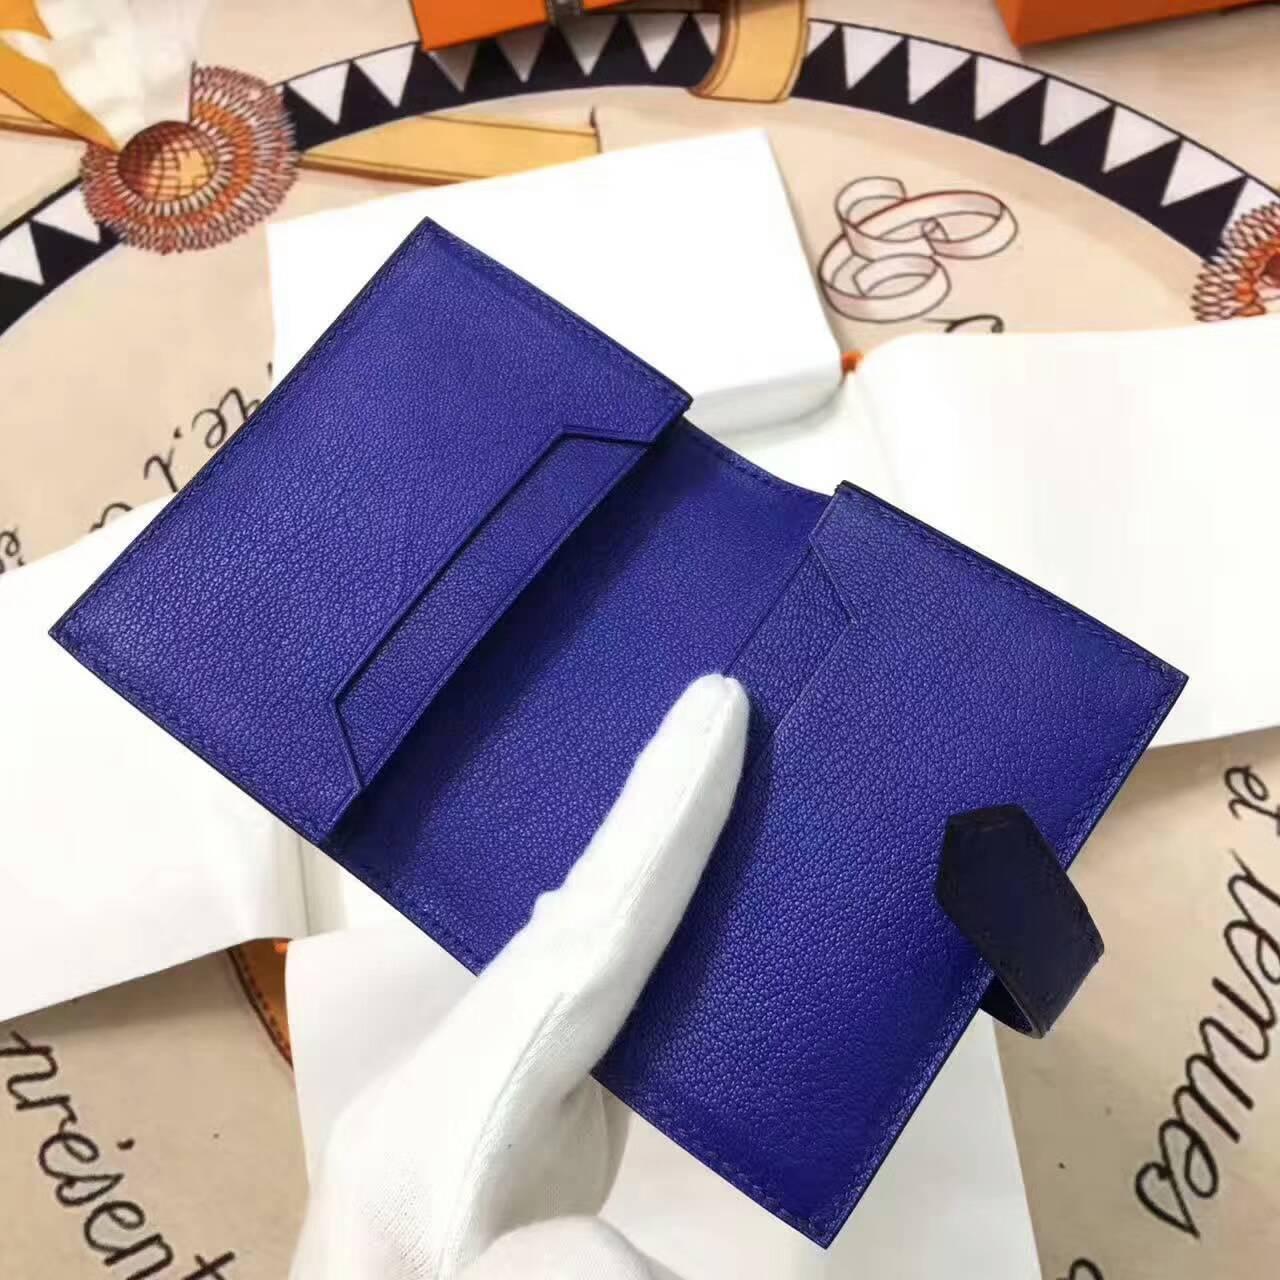 爱马仕卡包 鸵鸟皮 电光蓝 银扣 手工蜡线 时尚又实用